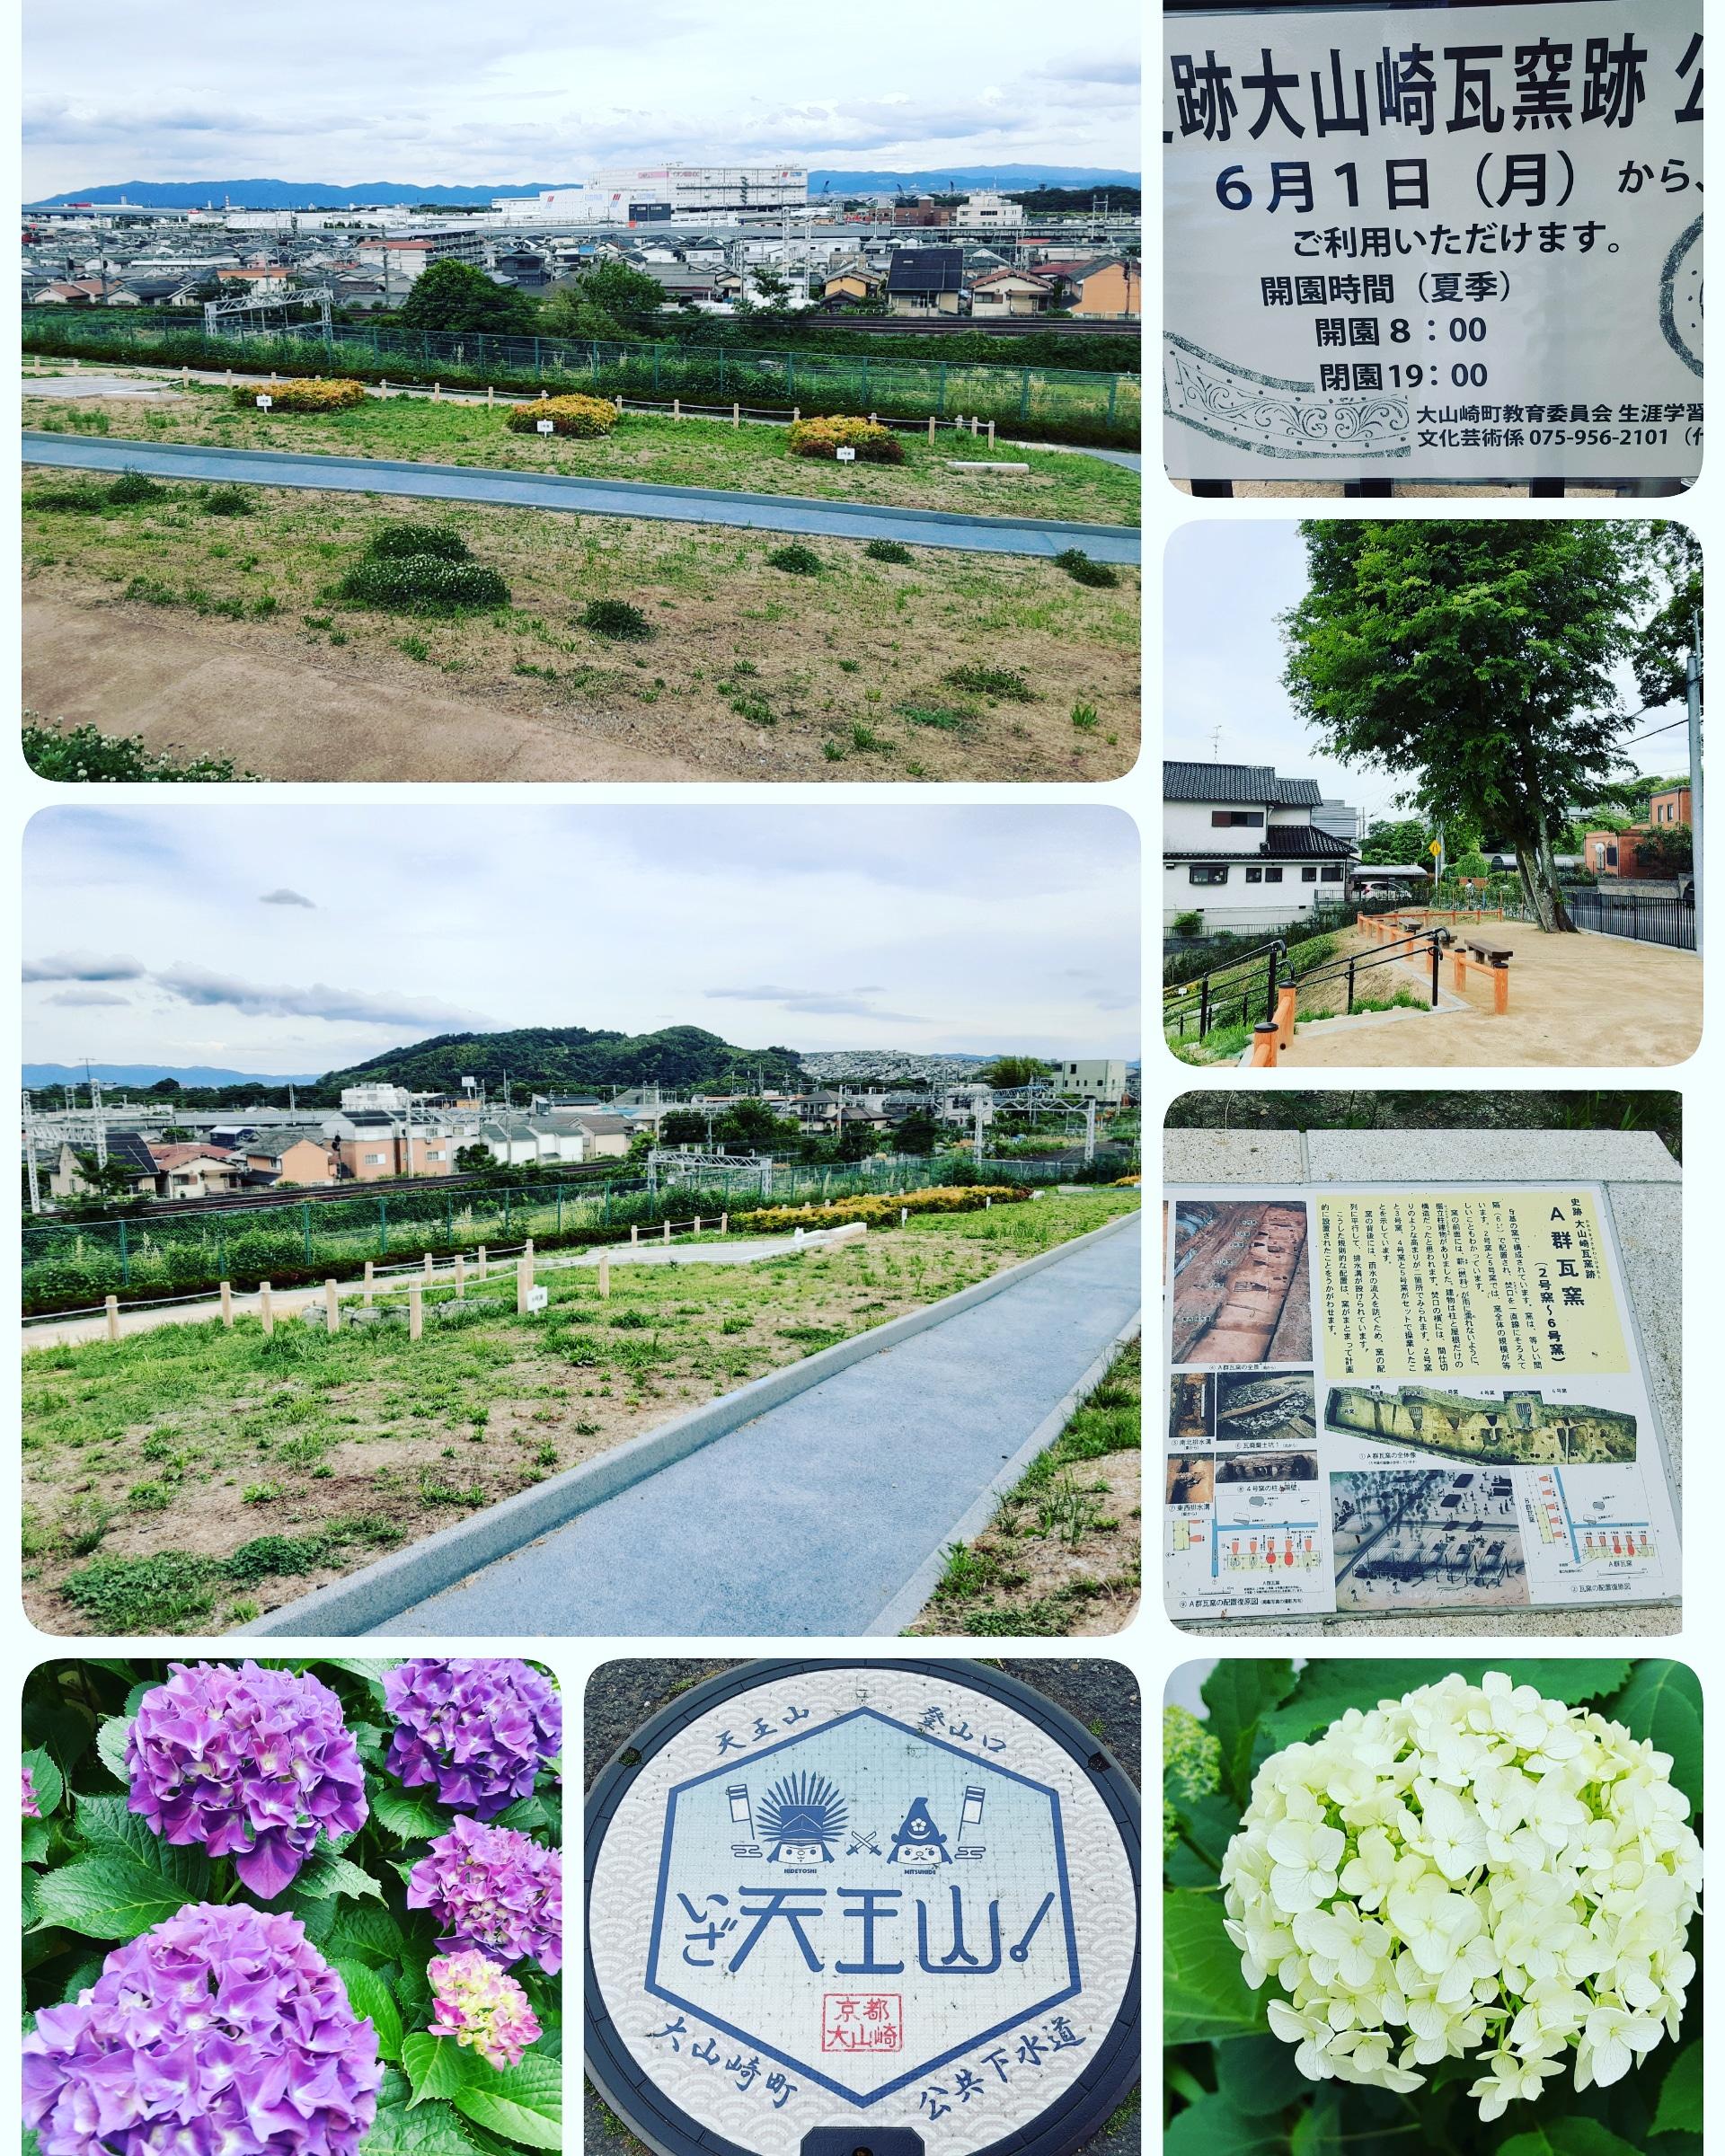 歴史の街 大山崎町に新しい史跡公園が出来ました💟